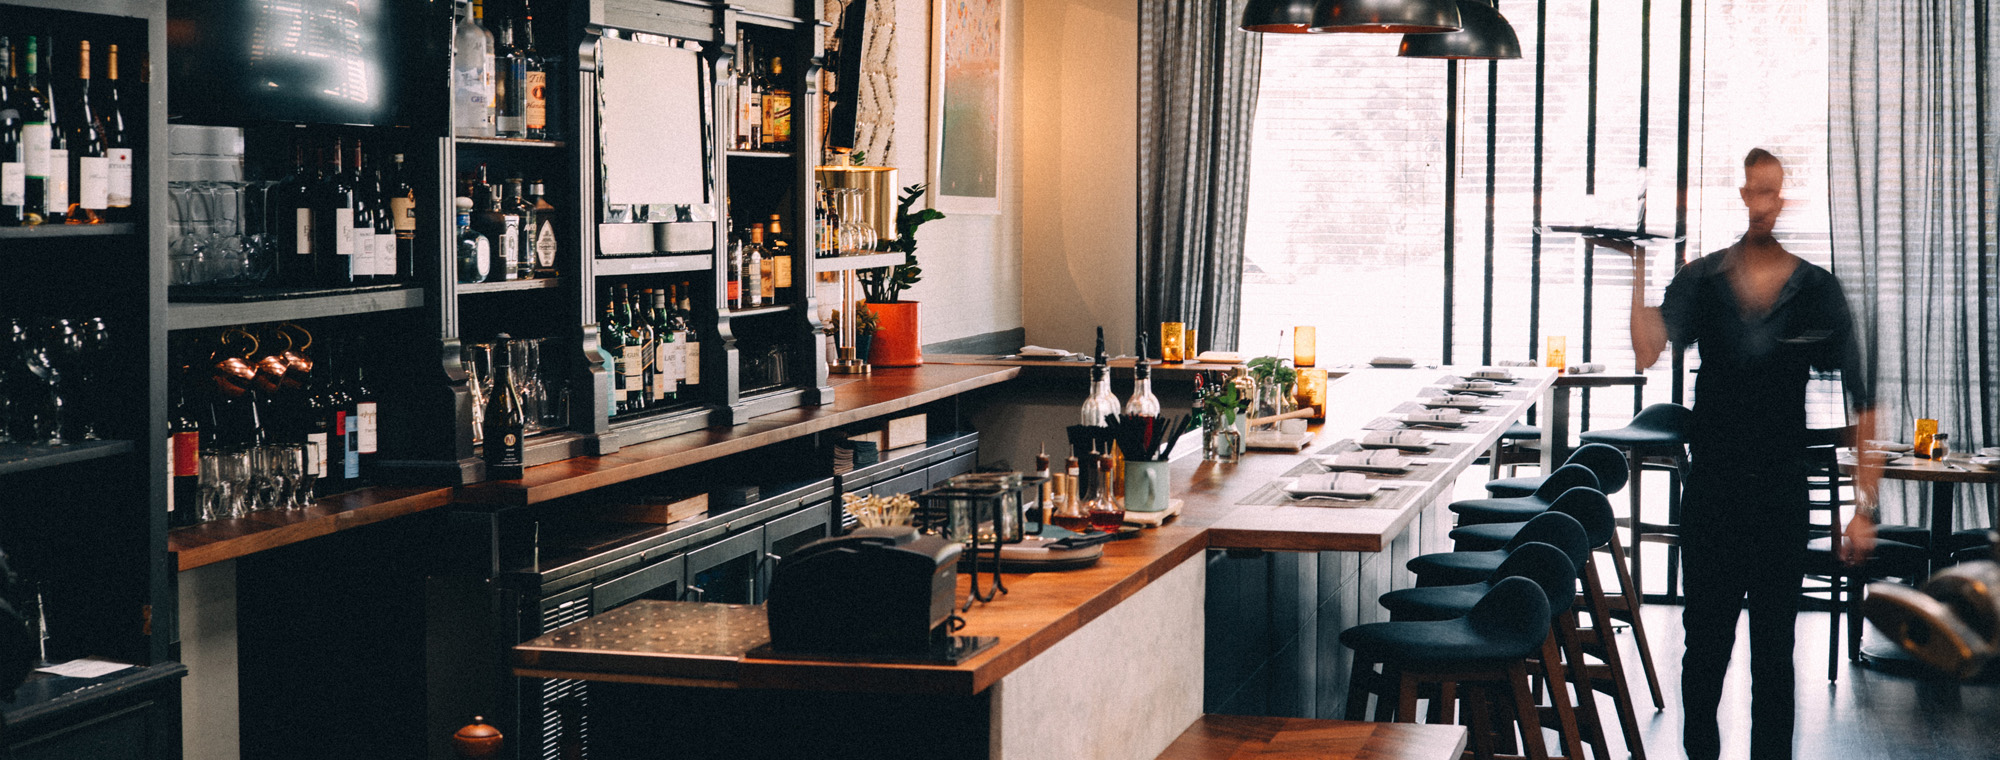 Amenagement De Bar Professionnel ets koch - matériels de bar de qualité